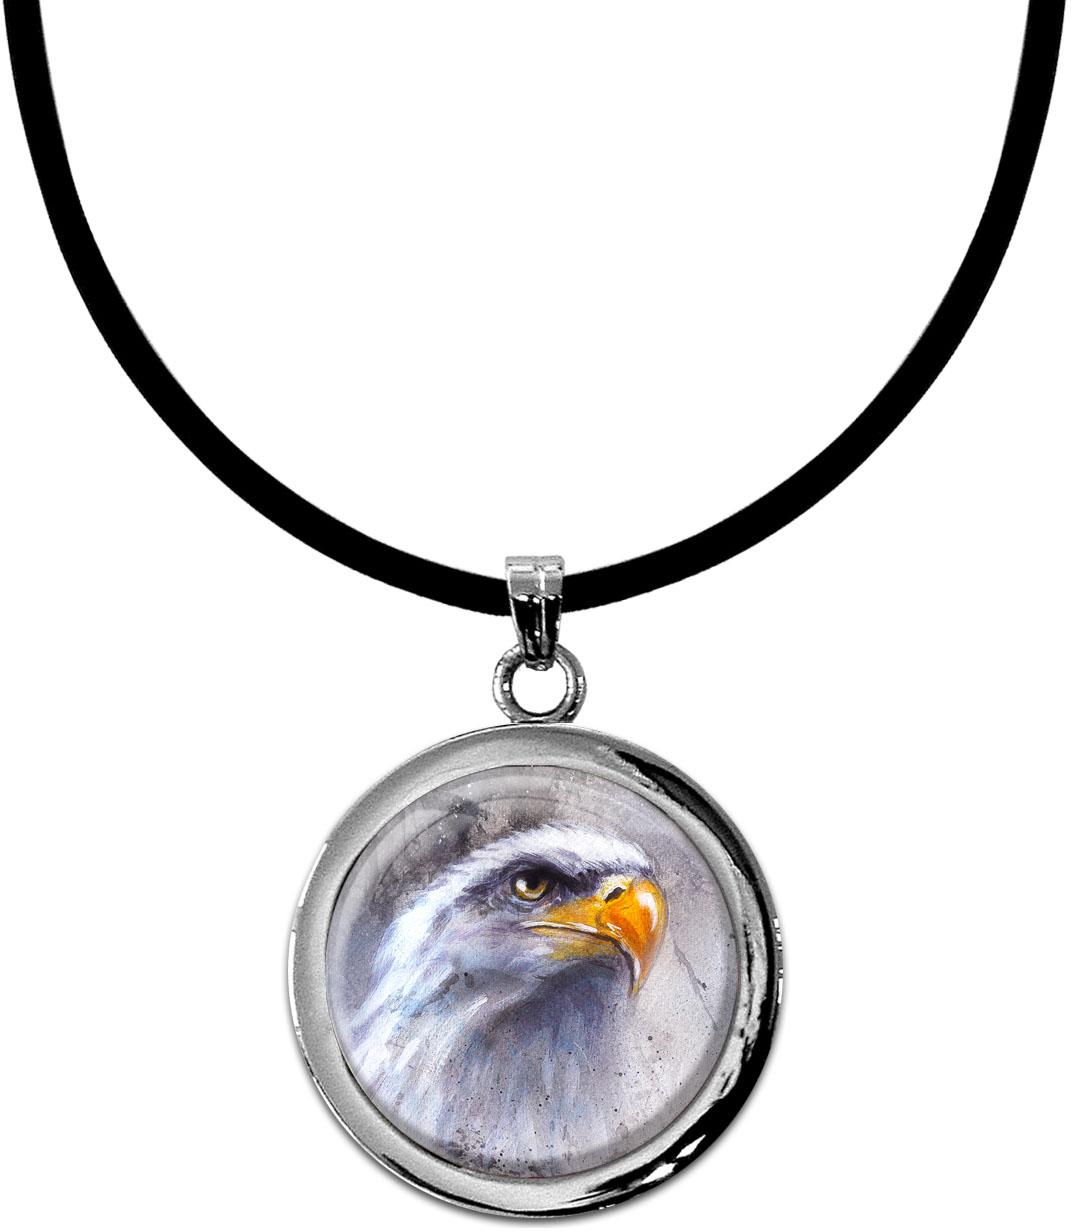 Kettenanhänger / Adler / Weißkopfseeadler / Raubvogel